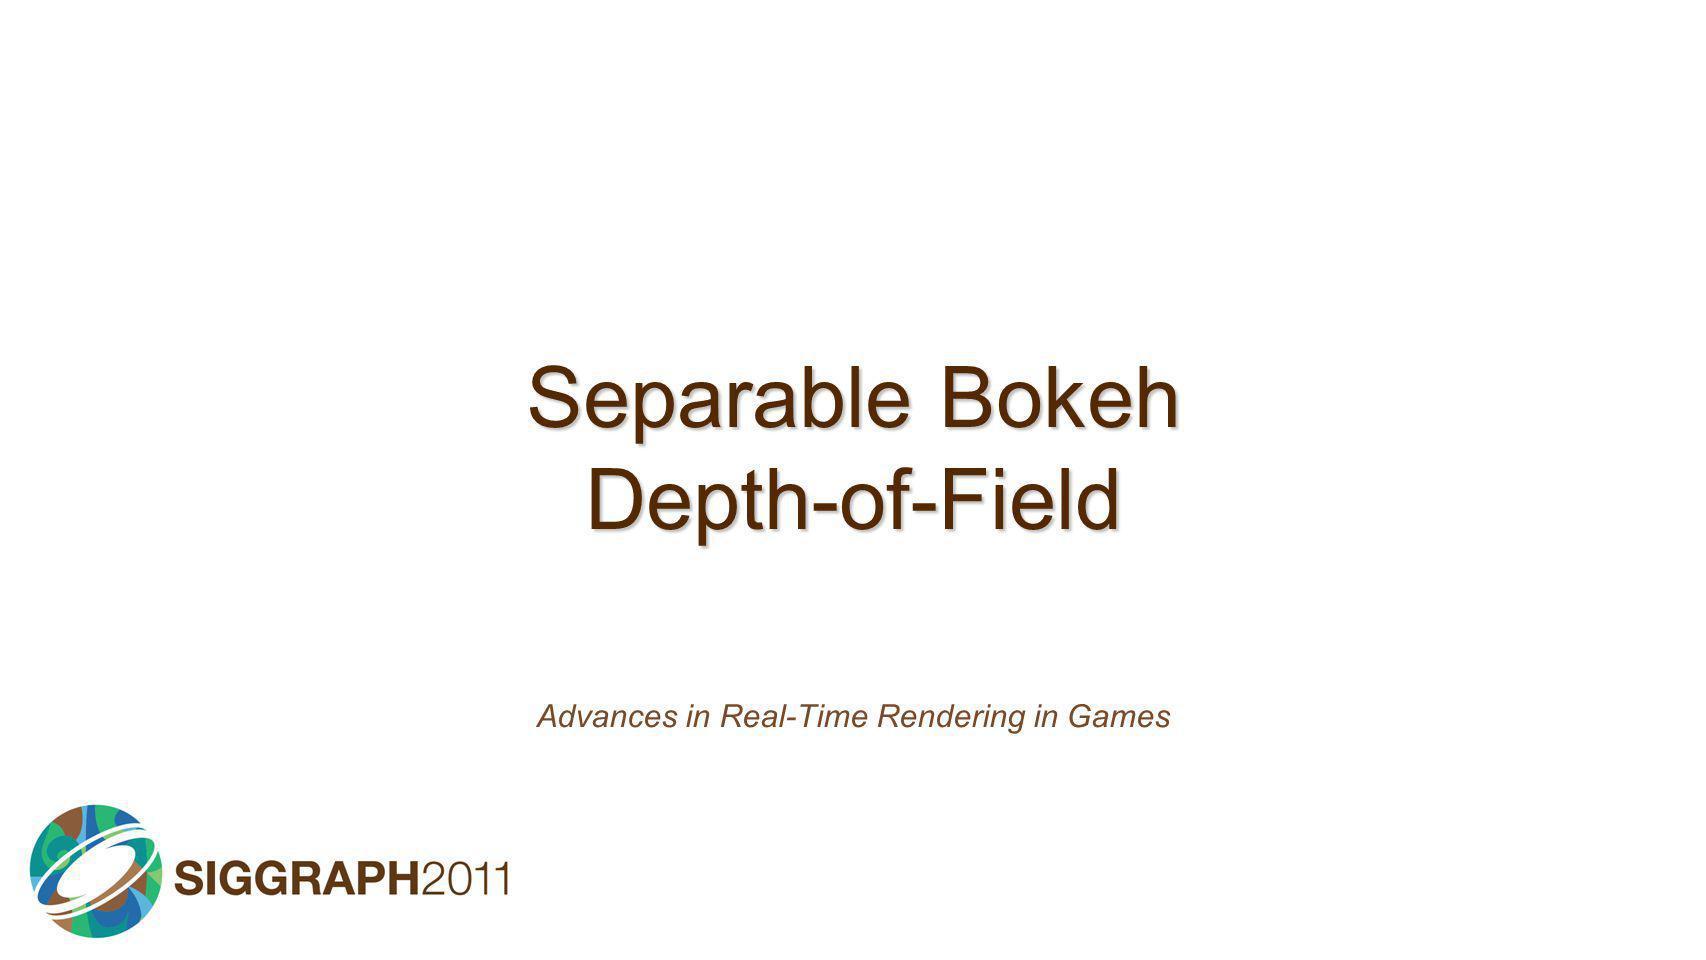 Separable Bokeh Depth-of-Field